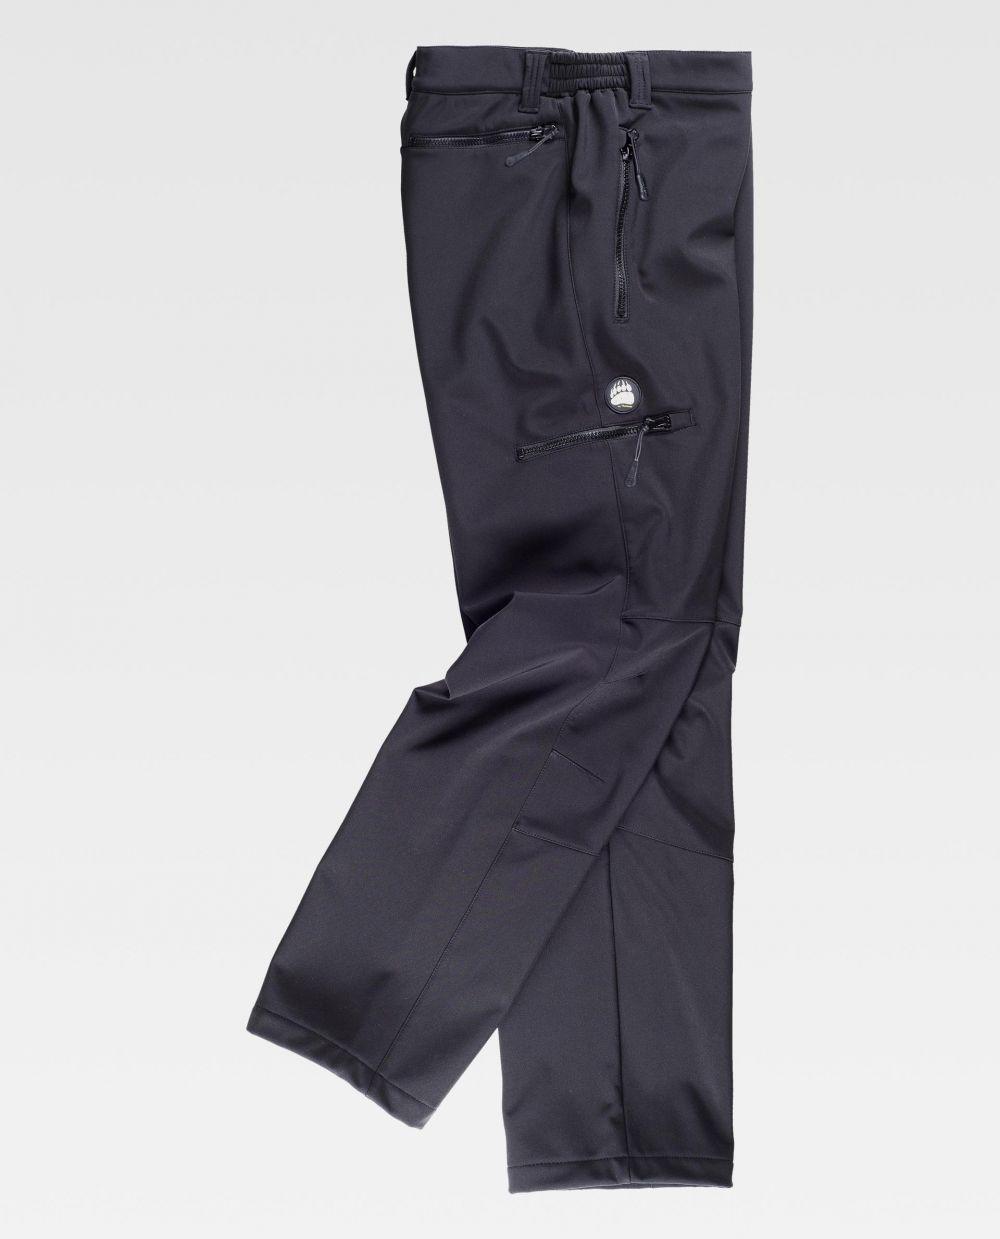 Pantalones de trabajo workteam s9830 de algodon con impresión vista 2